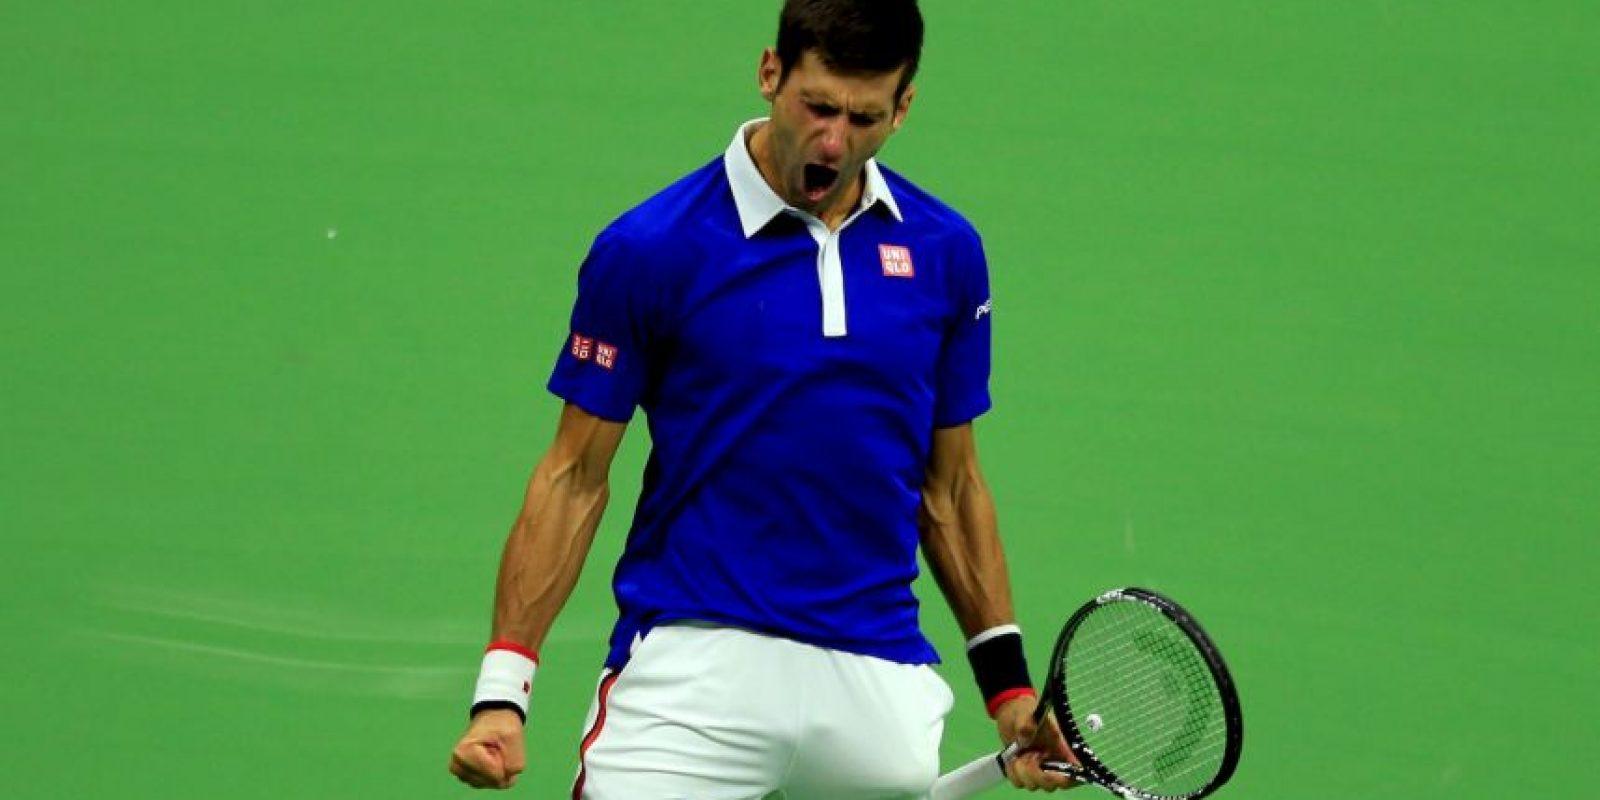 """Tuvo un 2015 avasallador. """"Nole"""" triunfó en tres de los cuatro Grand Slam del año, Australia Open, Wimbledon y US Open, venció dos veces a Roger Federer con autoridad y es el número 1 del mundo. Foto:Getty Images"""